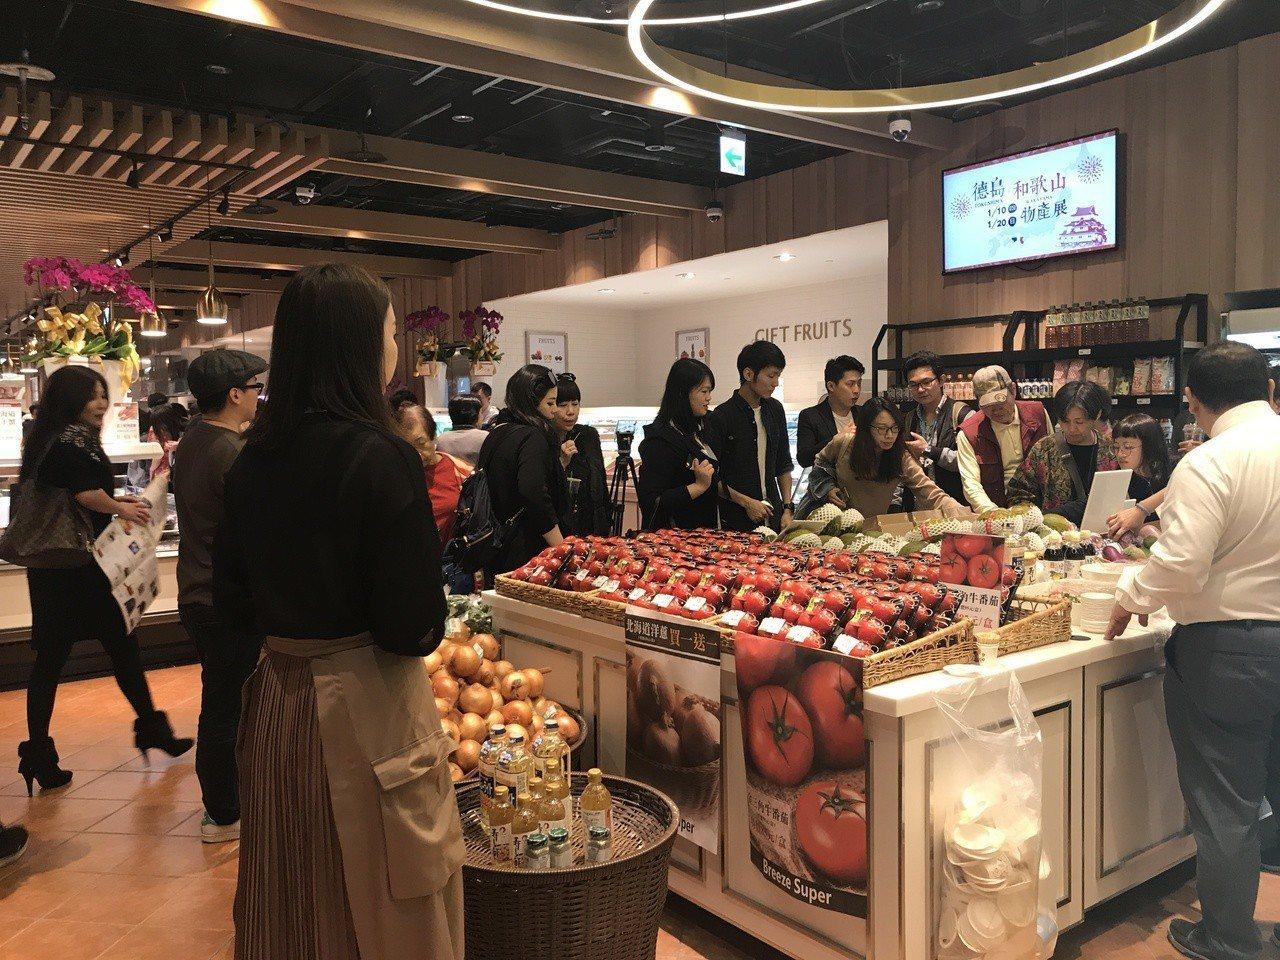 微風超市南山旗艦店商品吸引消費者關注。記者江佩君/攝影